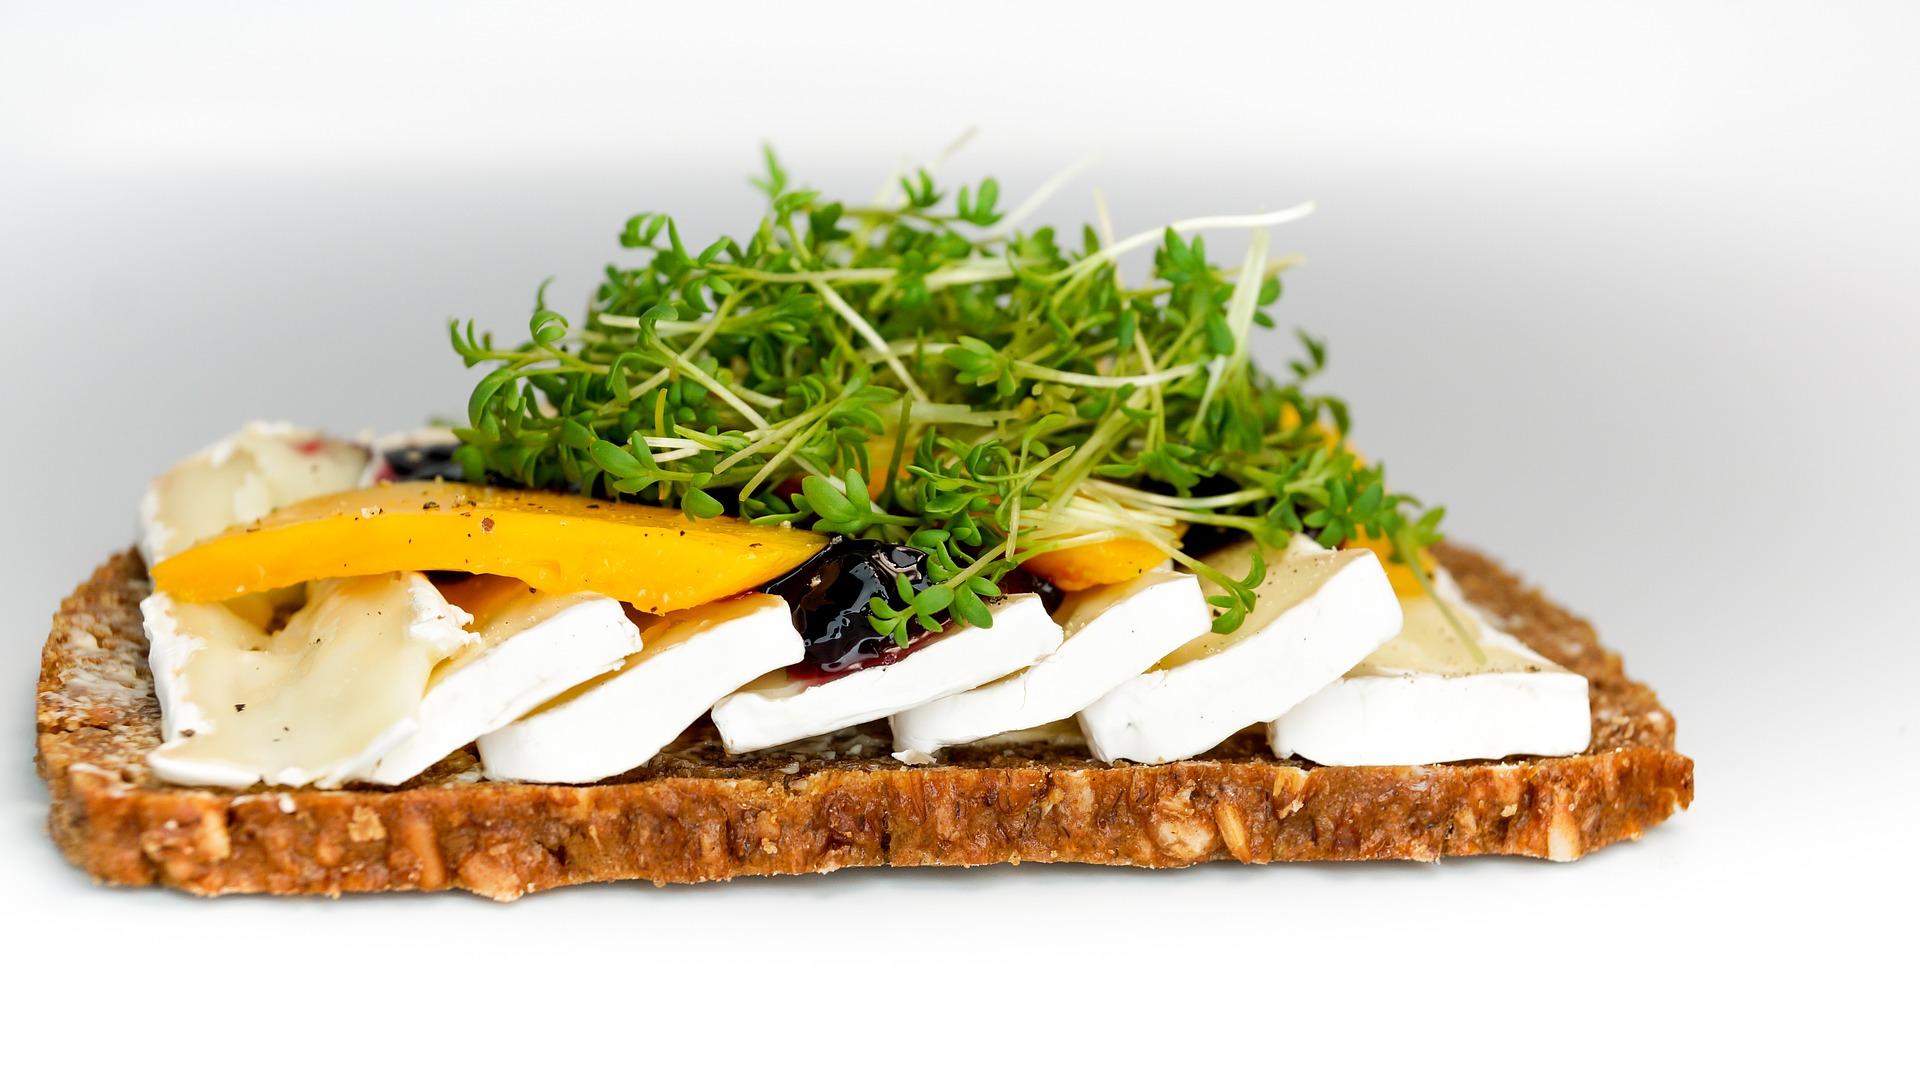 Řeřicha: vitaminová bomba, kterou snadno vypěstujete doma